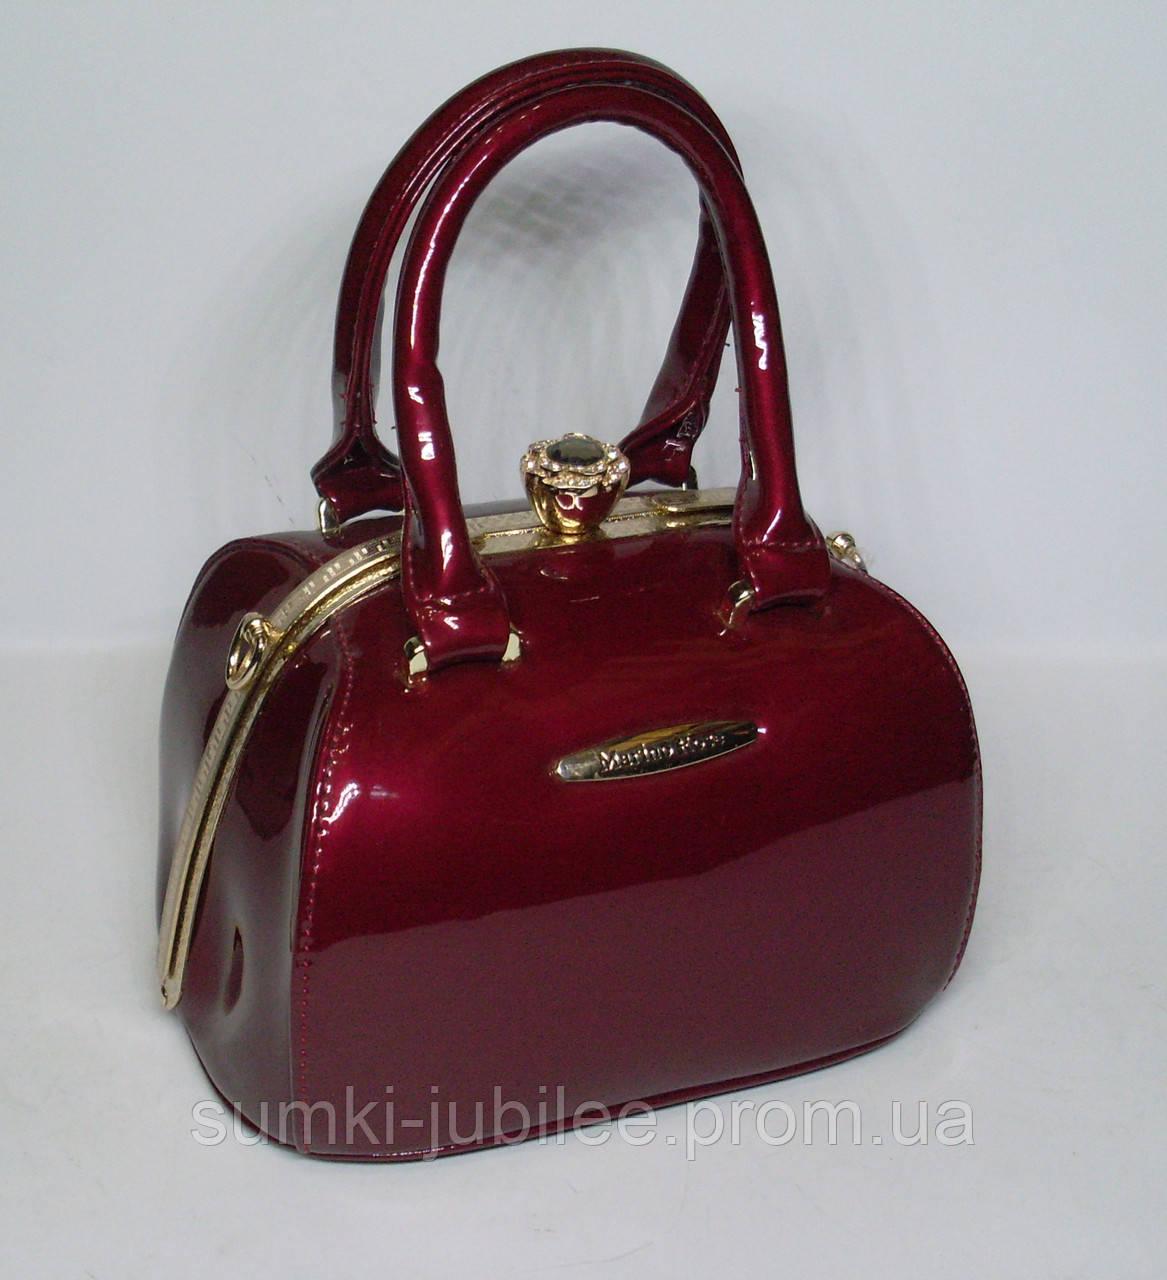 b4f88490cf81 Стильная женская лаковая сумка-Ридикюль Marino Rose с рамочным замком  красного цвета - Интернет-